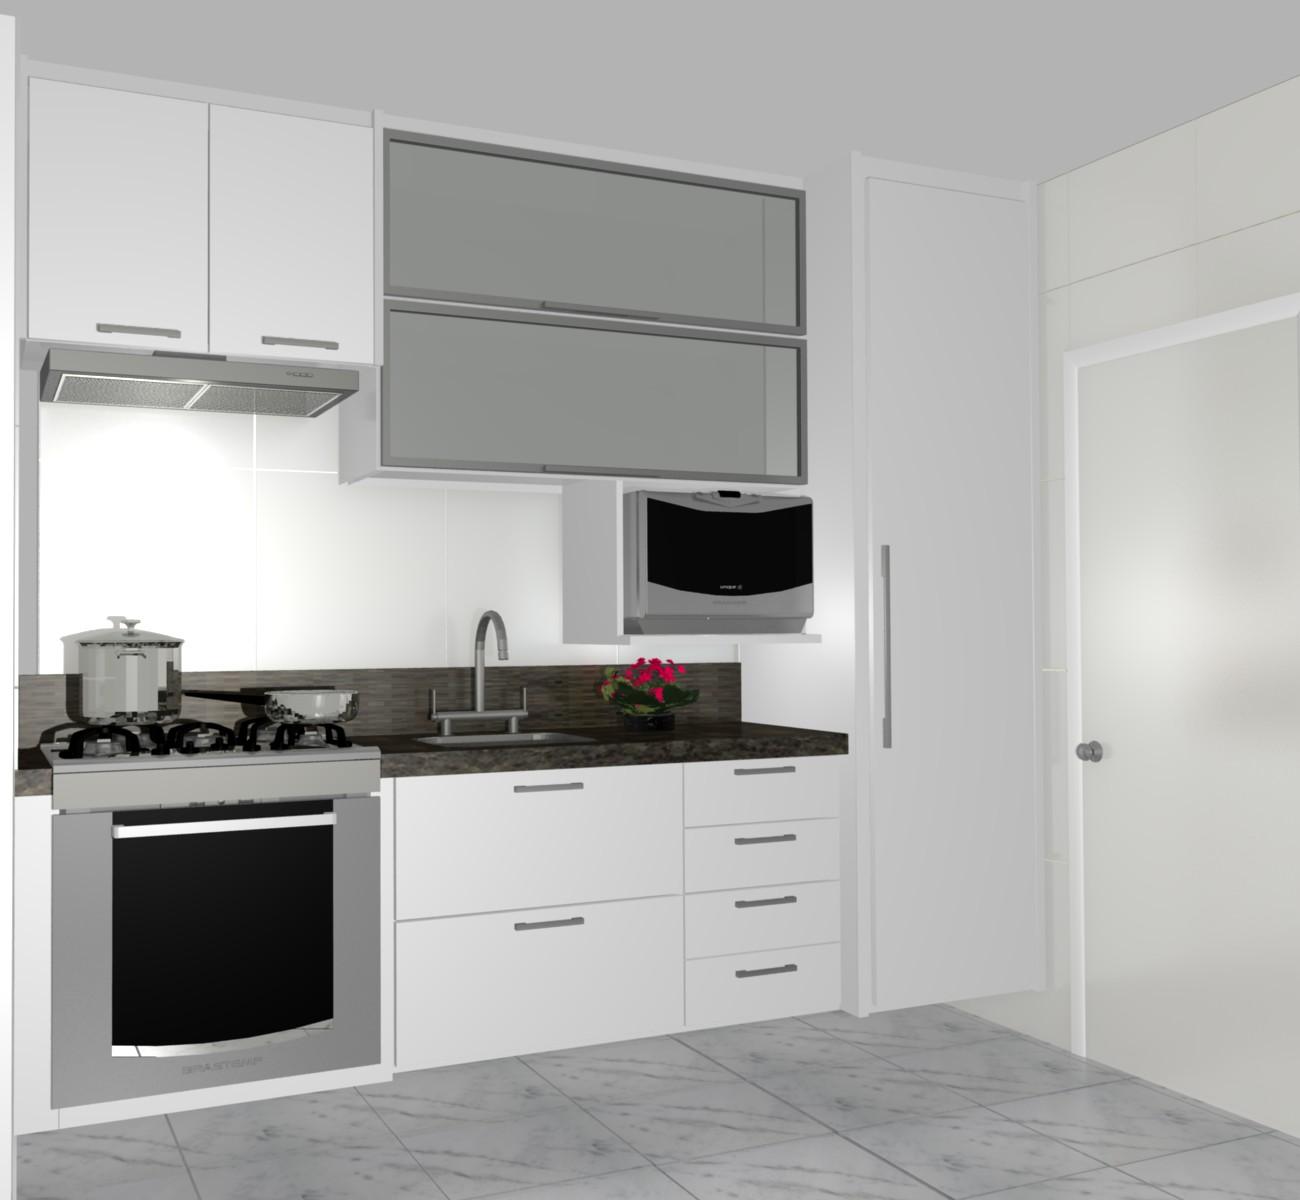 cozinhas planejadas simples bonita pequenas de luxo projeto branca #693840 1300 1200